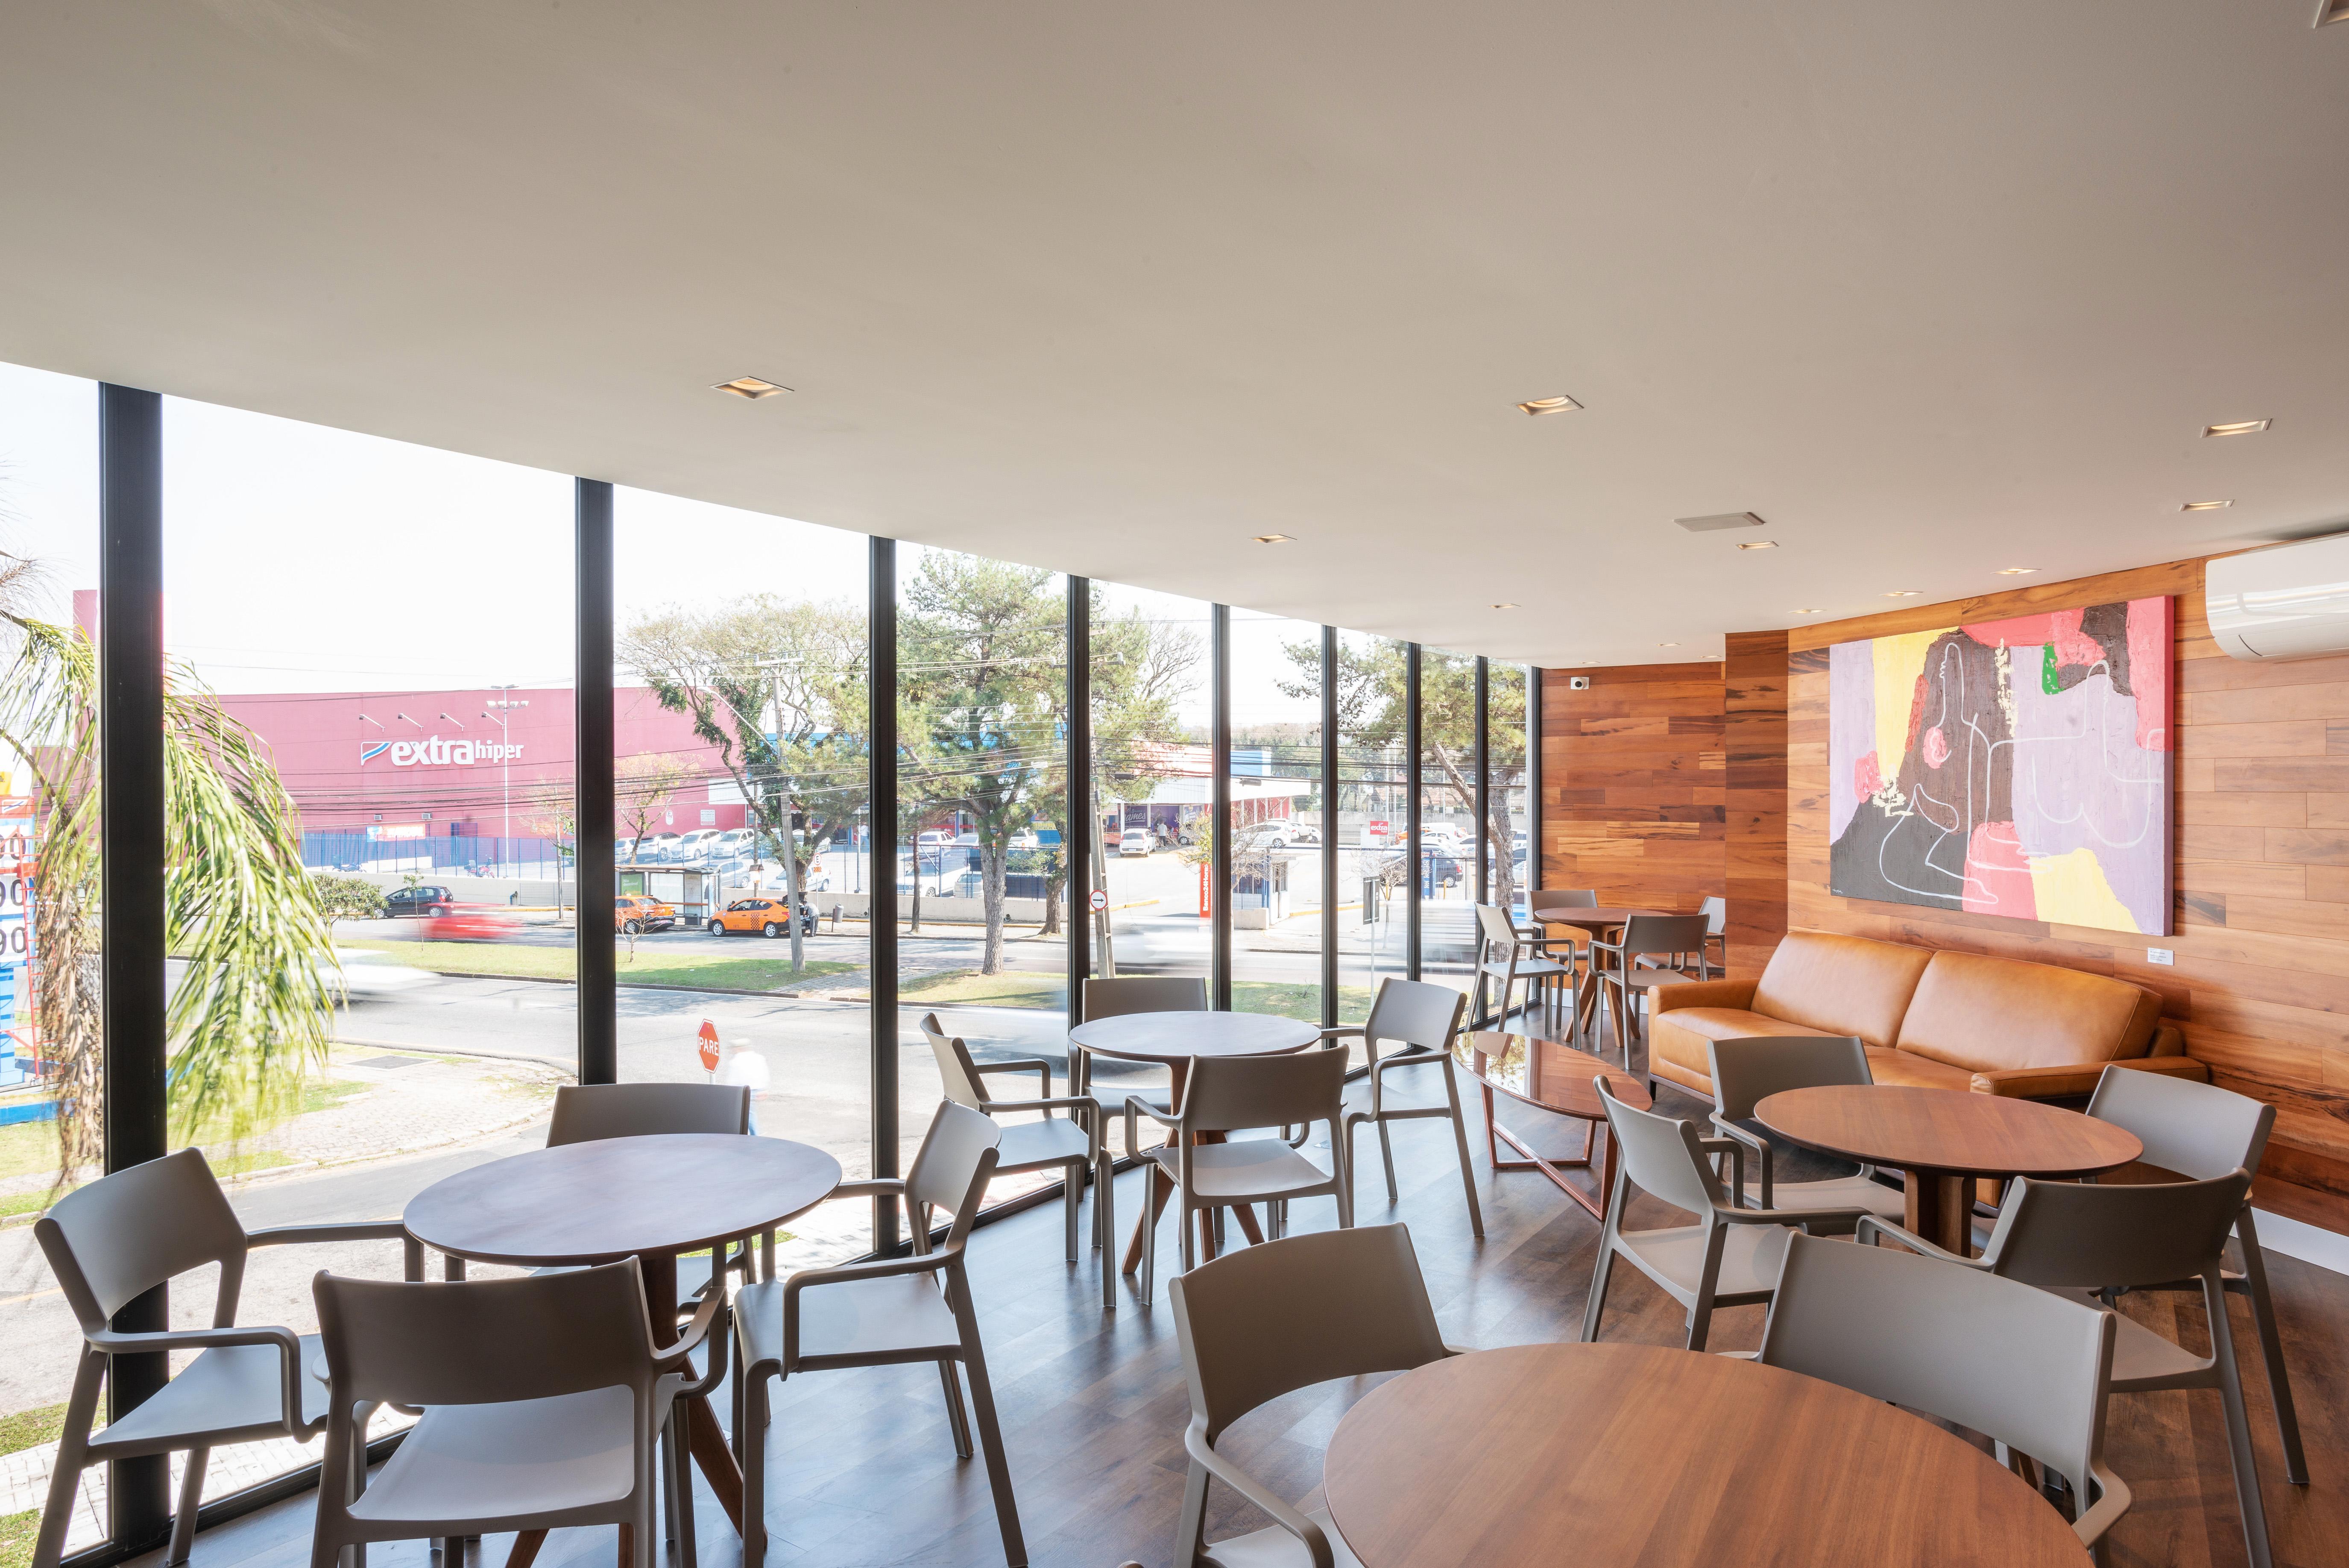 Área gourmet conta com panos de vidro, muita iluminação natural e acabamentos em madeira natural.